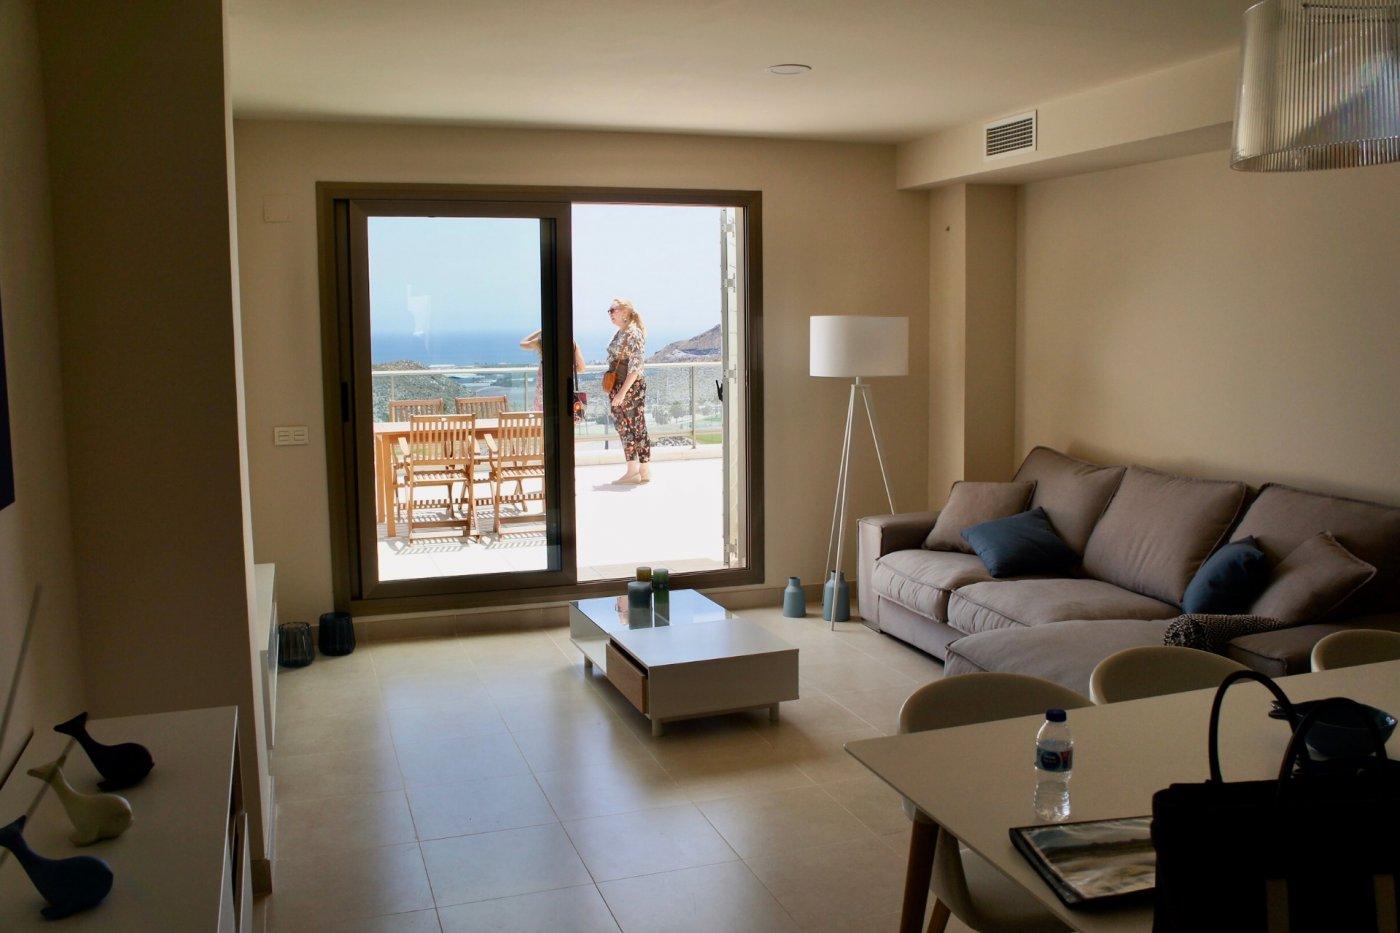 Imagen de la galería 5 of Gran apartamento orientado al sur de 3 dormitorios y 2 baños con preciosas vistas y 75 m2 de teraza